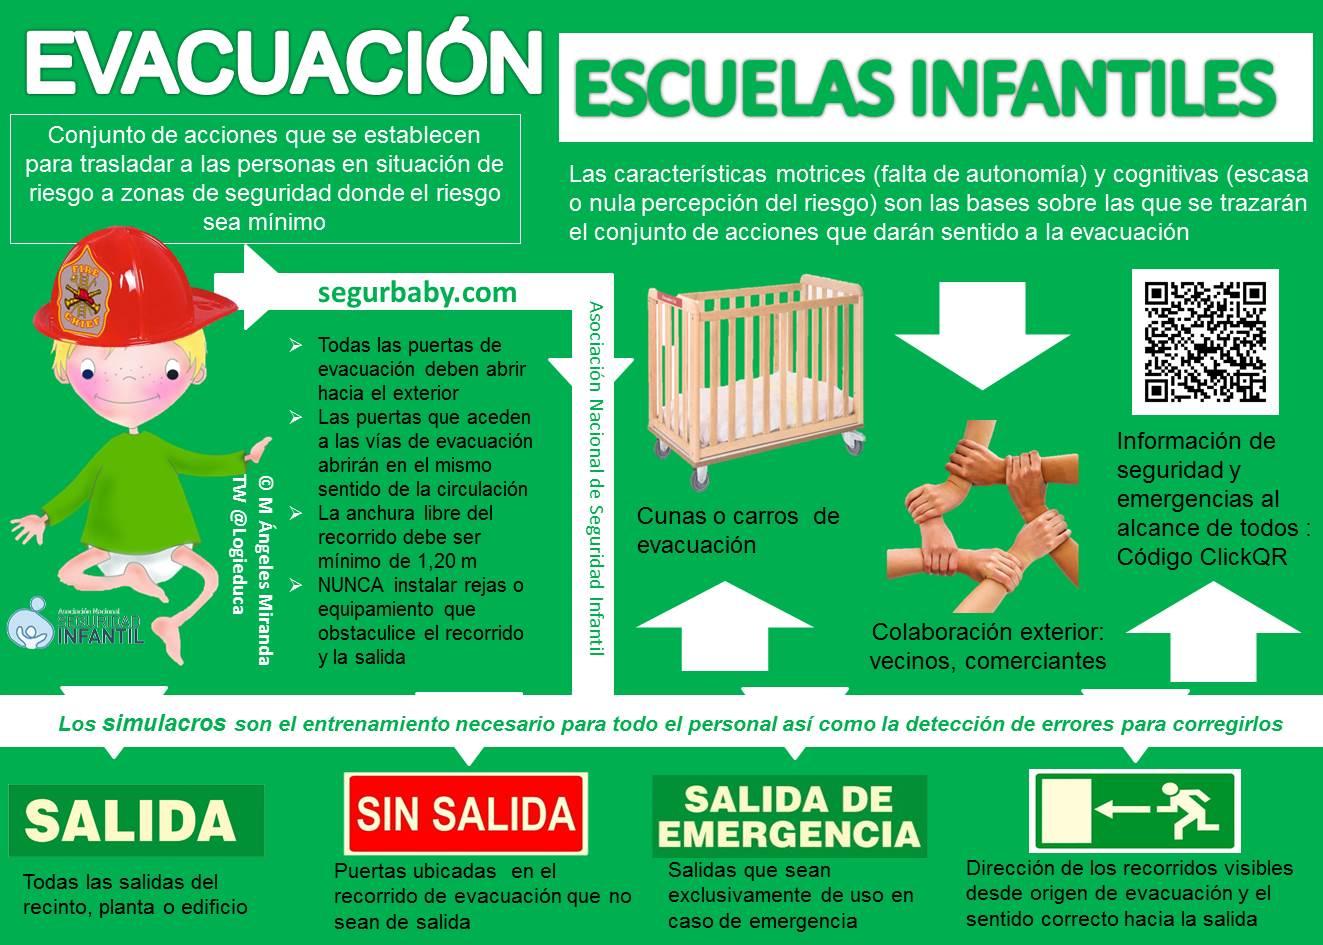 Requisitos para la evacuación- Seguridad Infantil